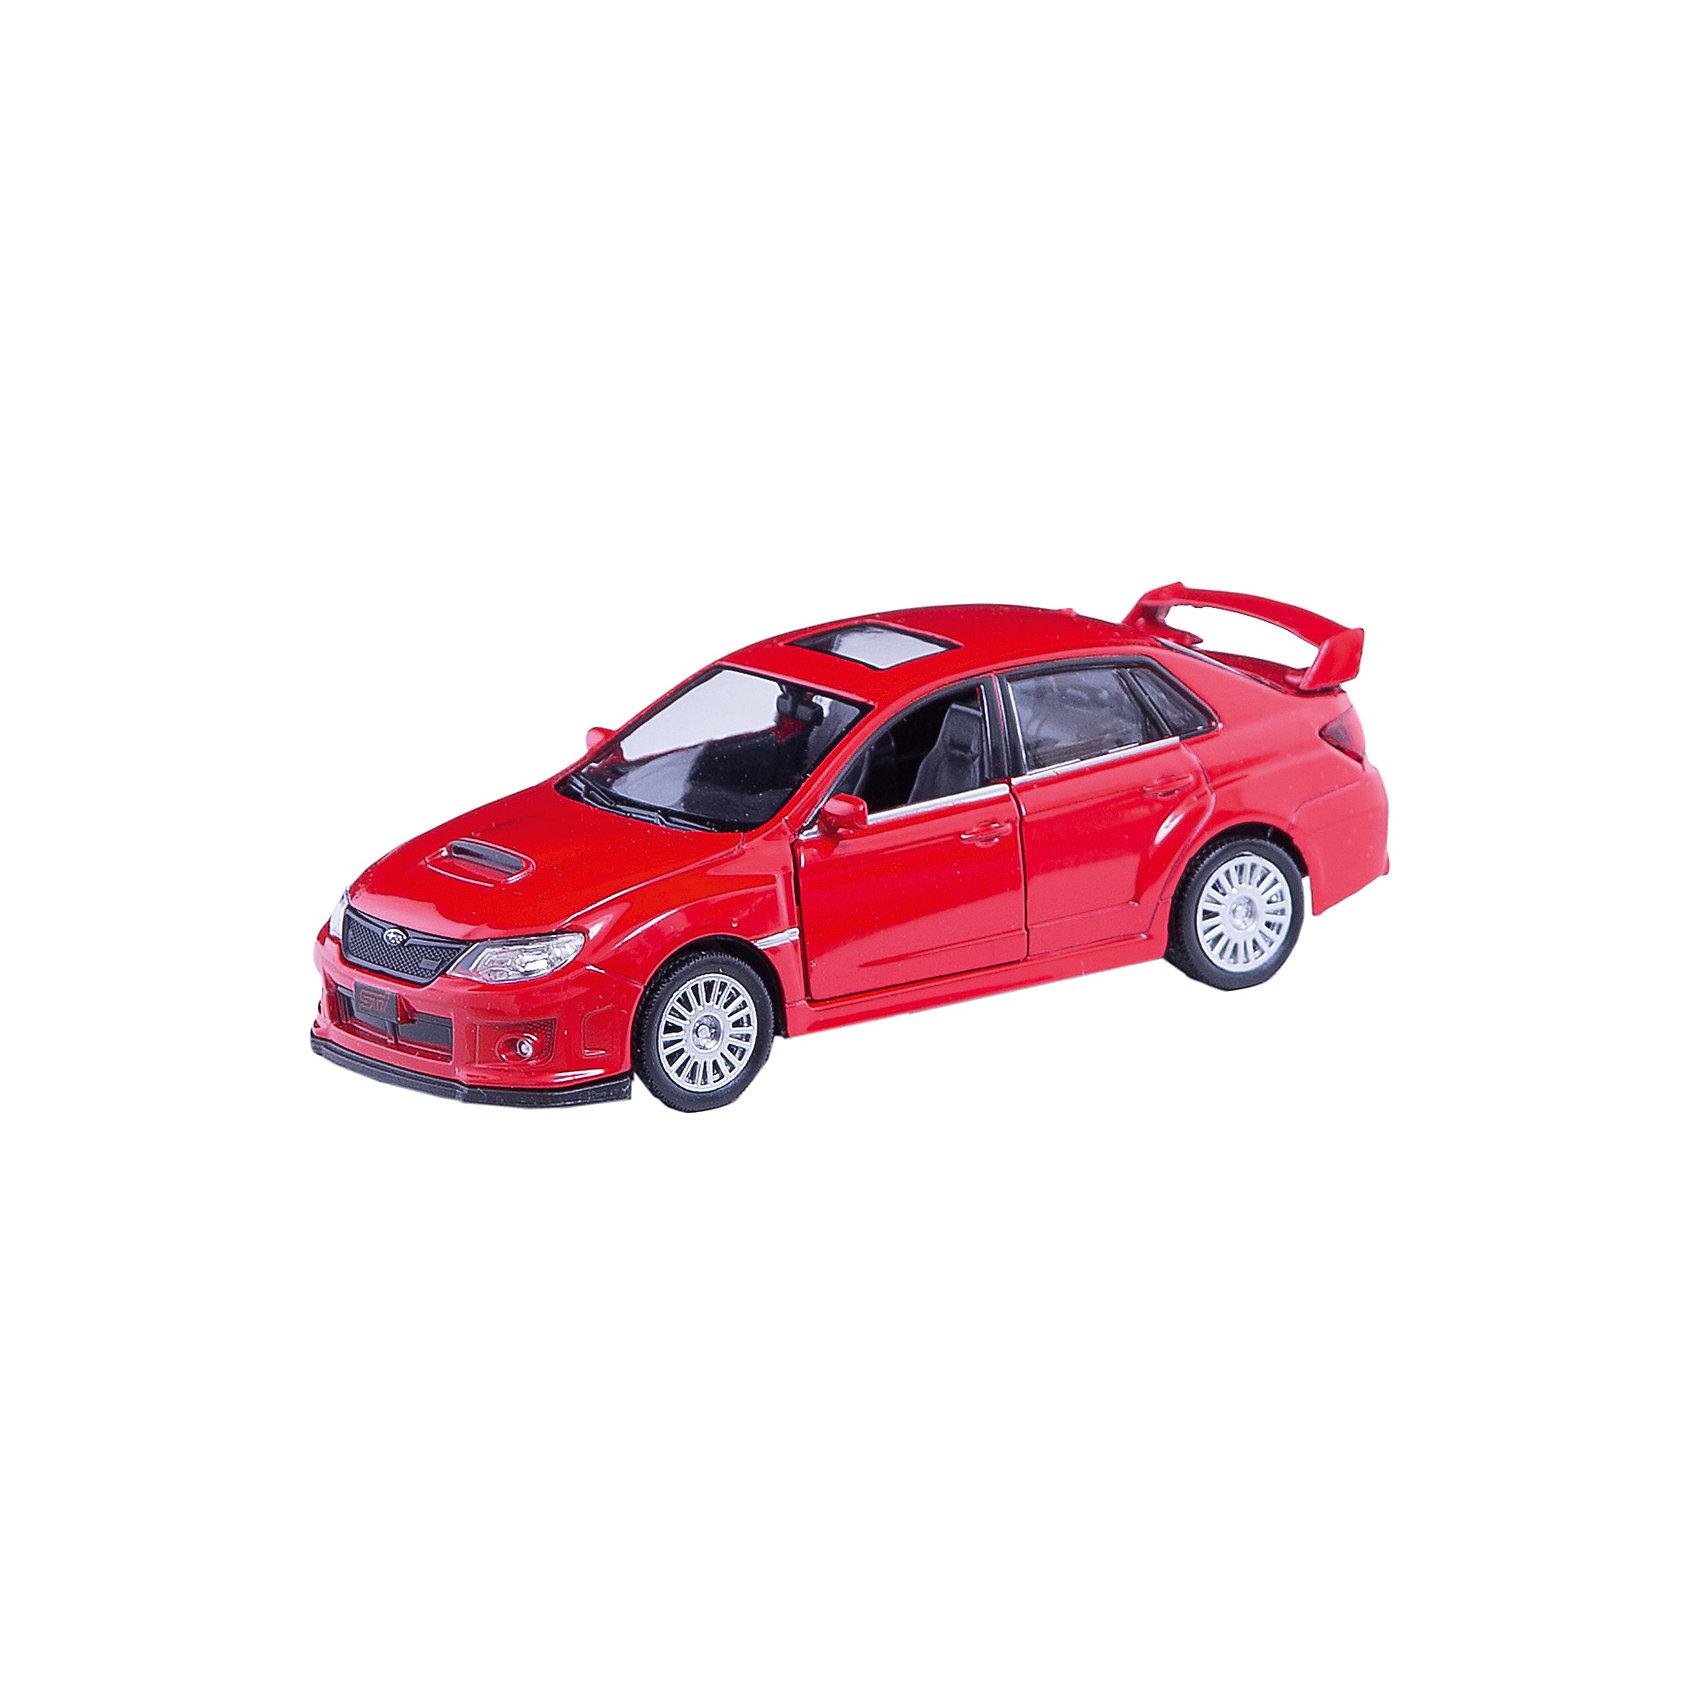 Машинка Subaru WRX STI 5, AutotimeМашинки<br>Характеристики товара:<br><br>• цвет: в ассортименте<br>• возраст: от 3 лет<br>• материал: металл, пластик<br>• масштаб: 1:32<br>• размер упаковки: 16х7х7 см<br>• вес с упаковкой: 100 г<br>• страна бренда: Россия, Китай<br>• страна изготовитель: Китай<br><br>Эта модель представляет собой миниатюрную копию реально существующей машины. Она отличается высокой детализацией, является коллекционной моделью. <br><br>Сделана машинка из прочного и безопасного материала. Корпус - из металла. Благодаря прозрачным стеклам виден подробно проработанный салон.<br><br>Машинку «Subaru WRX STI 5», Autotime (Автотайм) можно купить в нашем интернет-магазине.<br><br>Ширина мм: 165<br>Глубина мм: 57<br>Высота мм: 75<br>Вес г: 13<br>Возраст от месяцев: 36<br>Возраст до месяцев: 2147483647<br>Пол: Мужской<br>Возраст: Детский<br>SKU: 5584110